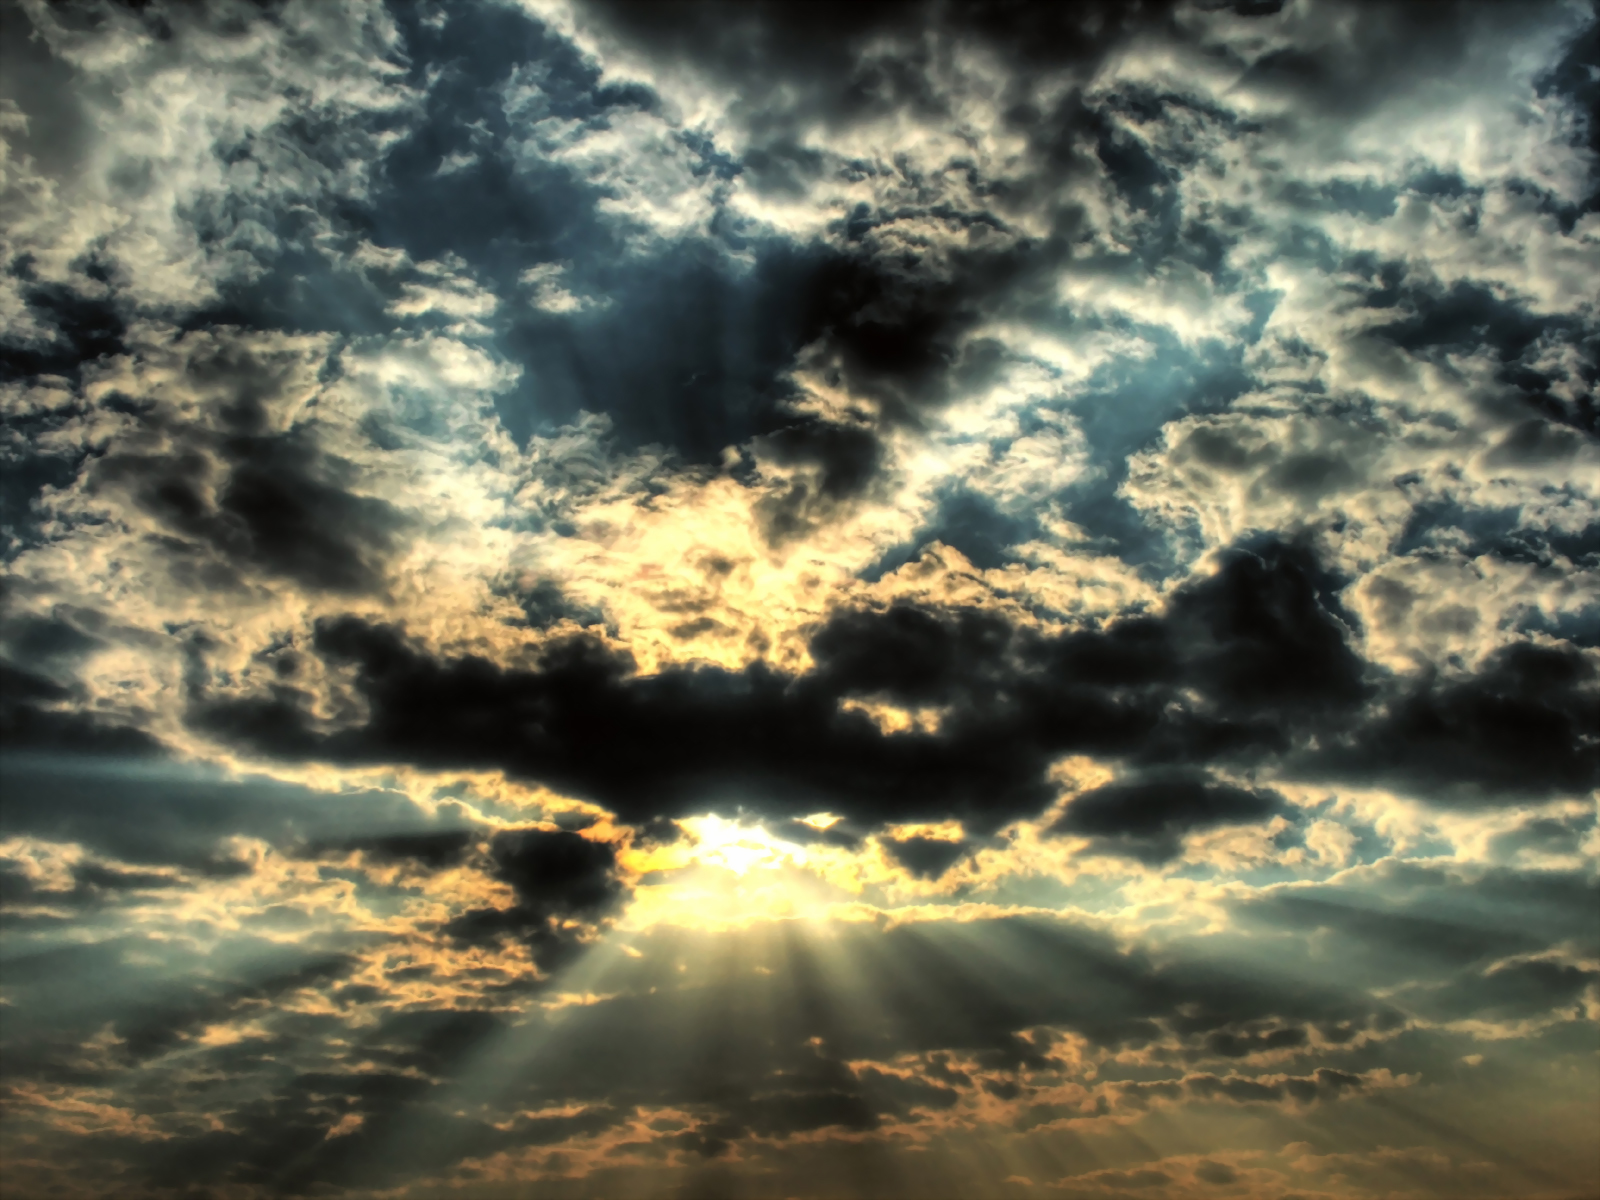 11052 скачать обои Пейзаж, Небо, Облака - заставки и картинки бесплатно